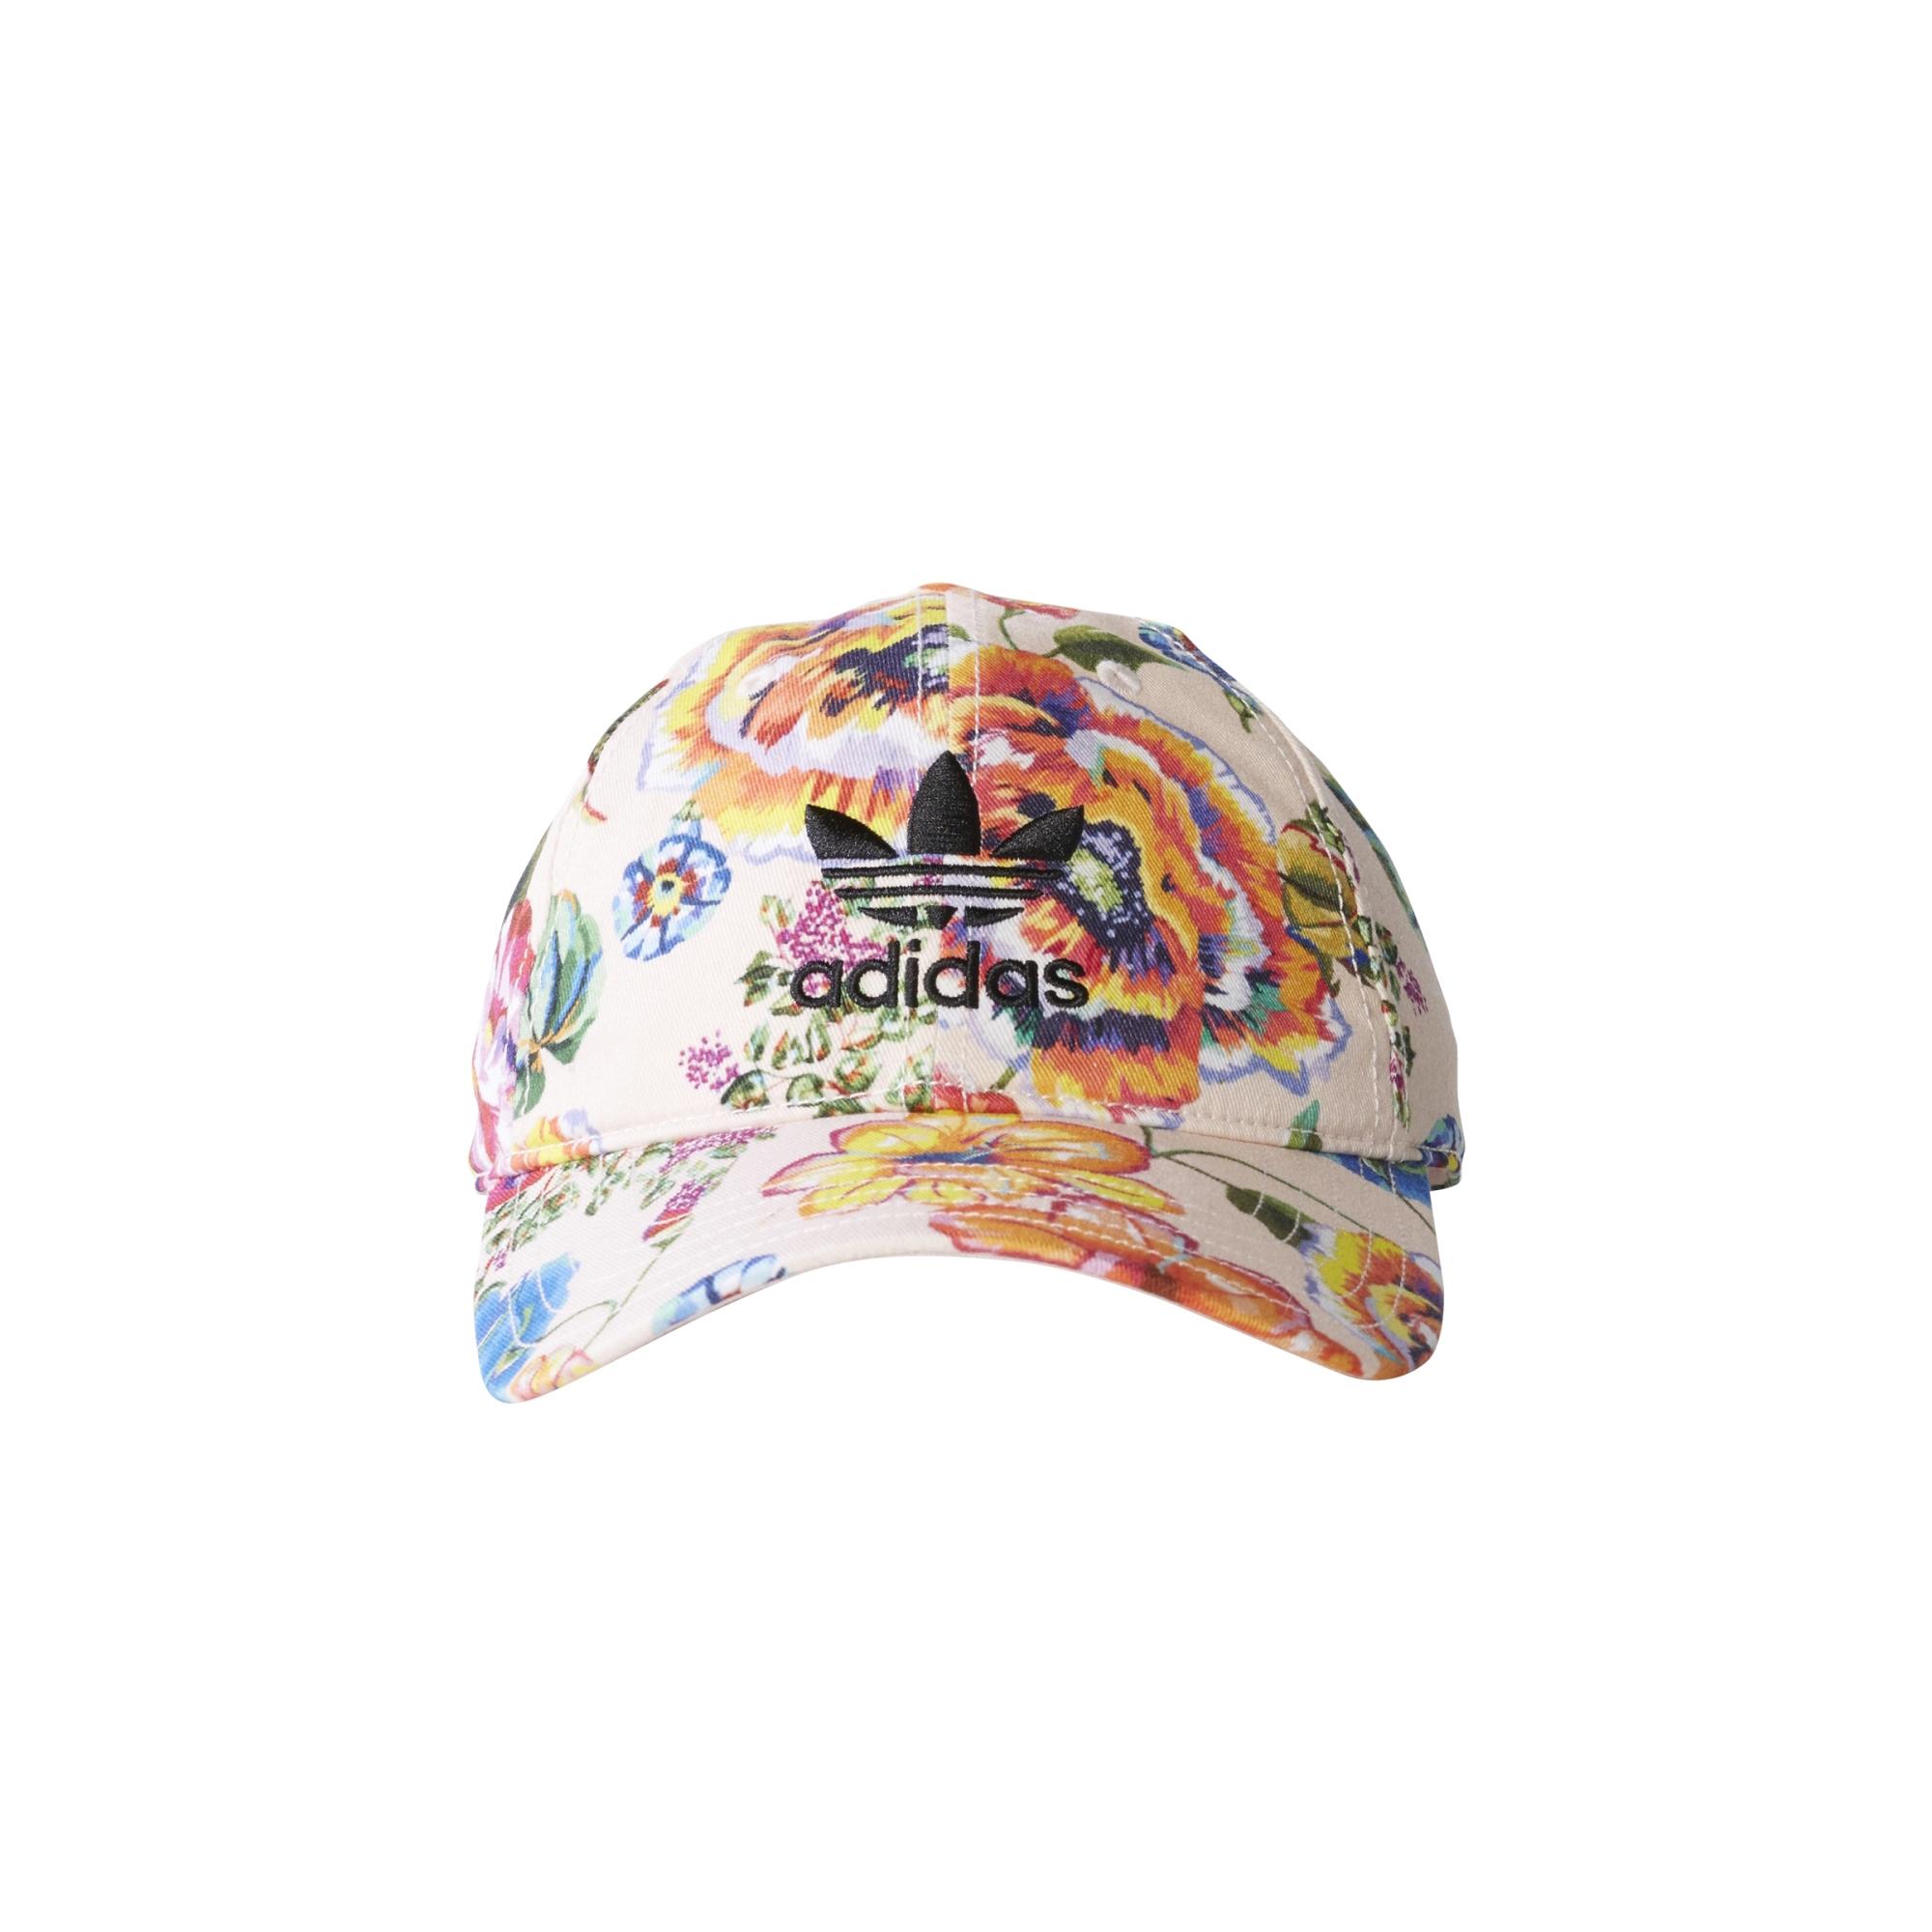 c819dfecb993 Adidas Originals The Farm Baseball Cap